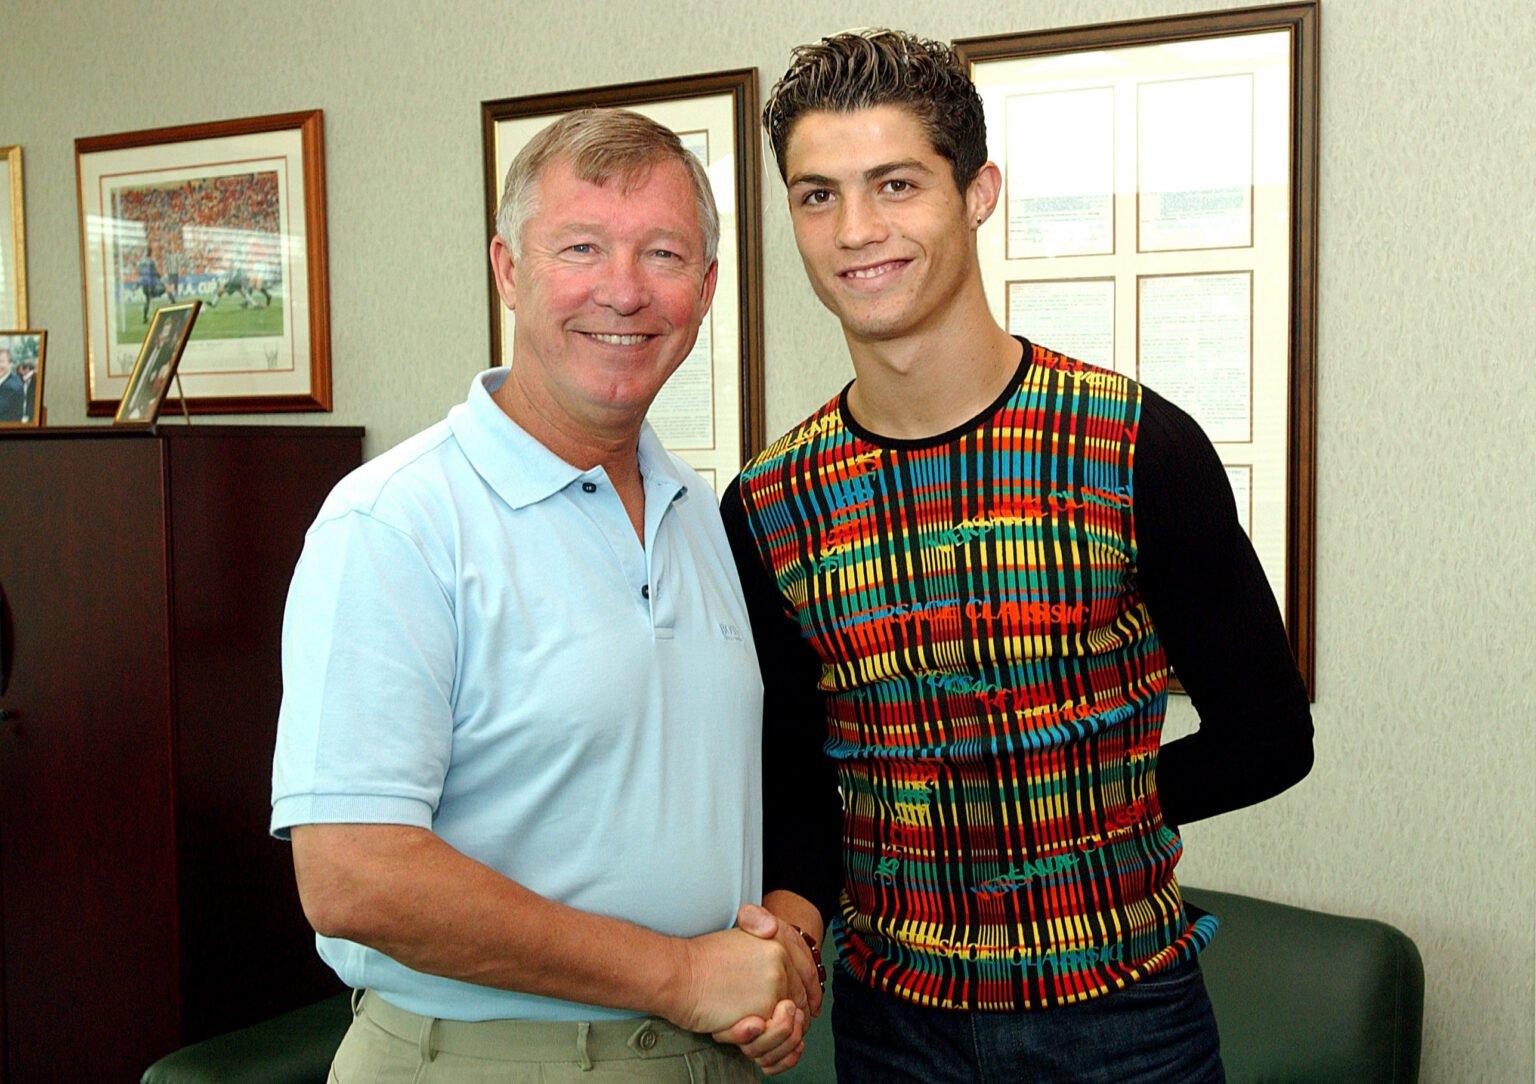 Sir Alex Ferguson là người đầu tiên chinh phục được cái Tôi của Ronaldo và được cầu thủ này coi như cha già kính yêu